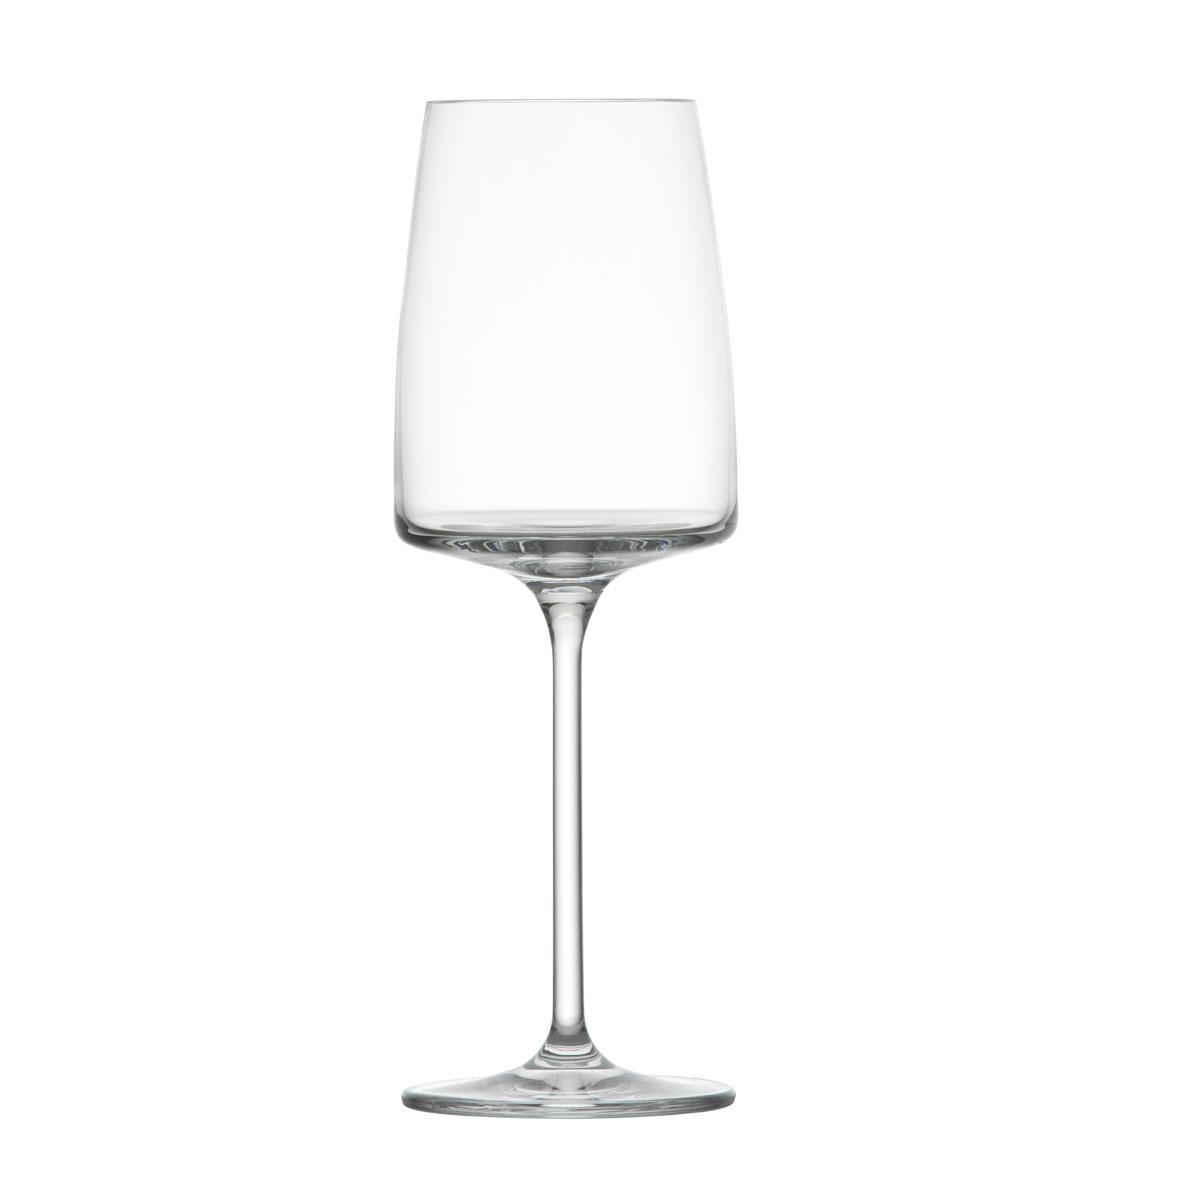 Schott Zwiesel Tritan Sensa White Wine, Single